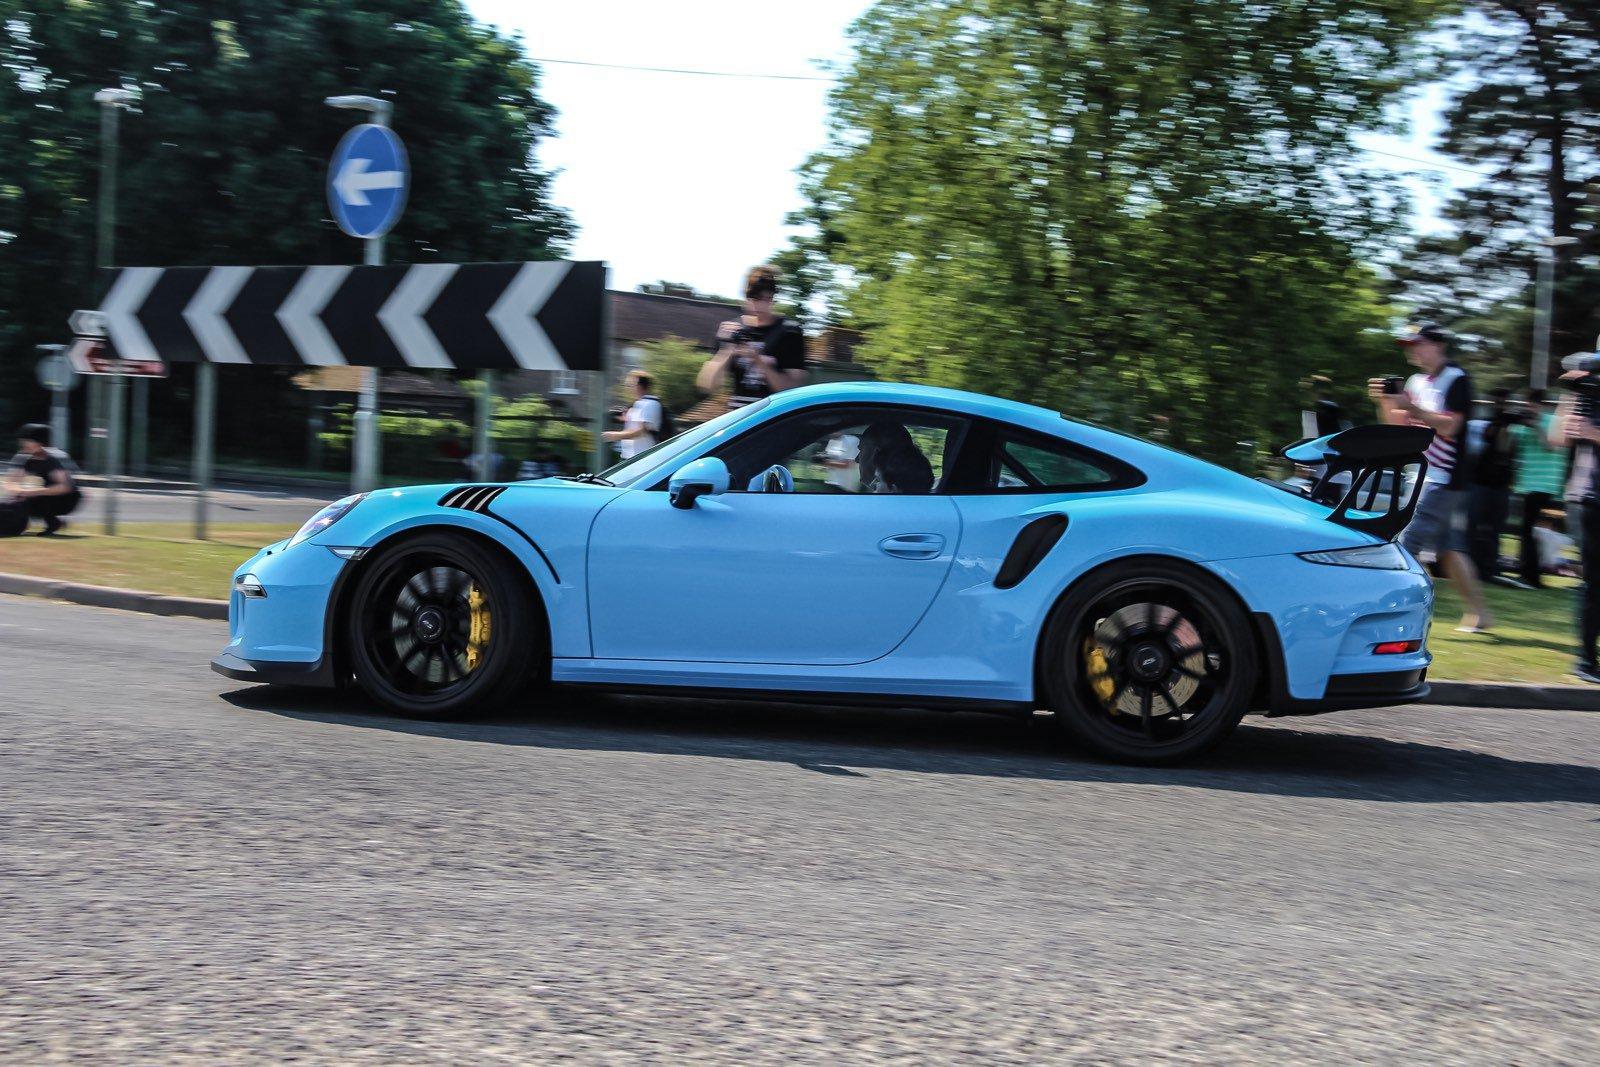 911, siêu phẩm huyền thoại một thời của Porsche xuất hiện với nhiều biến thể